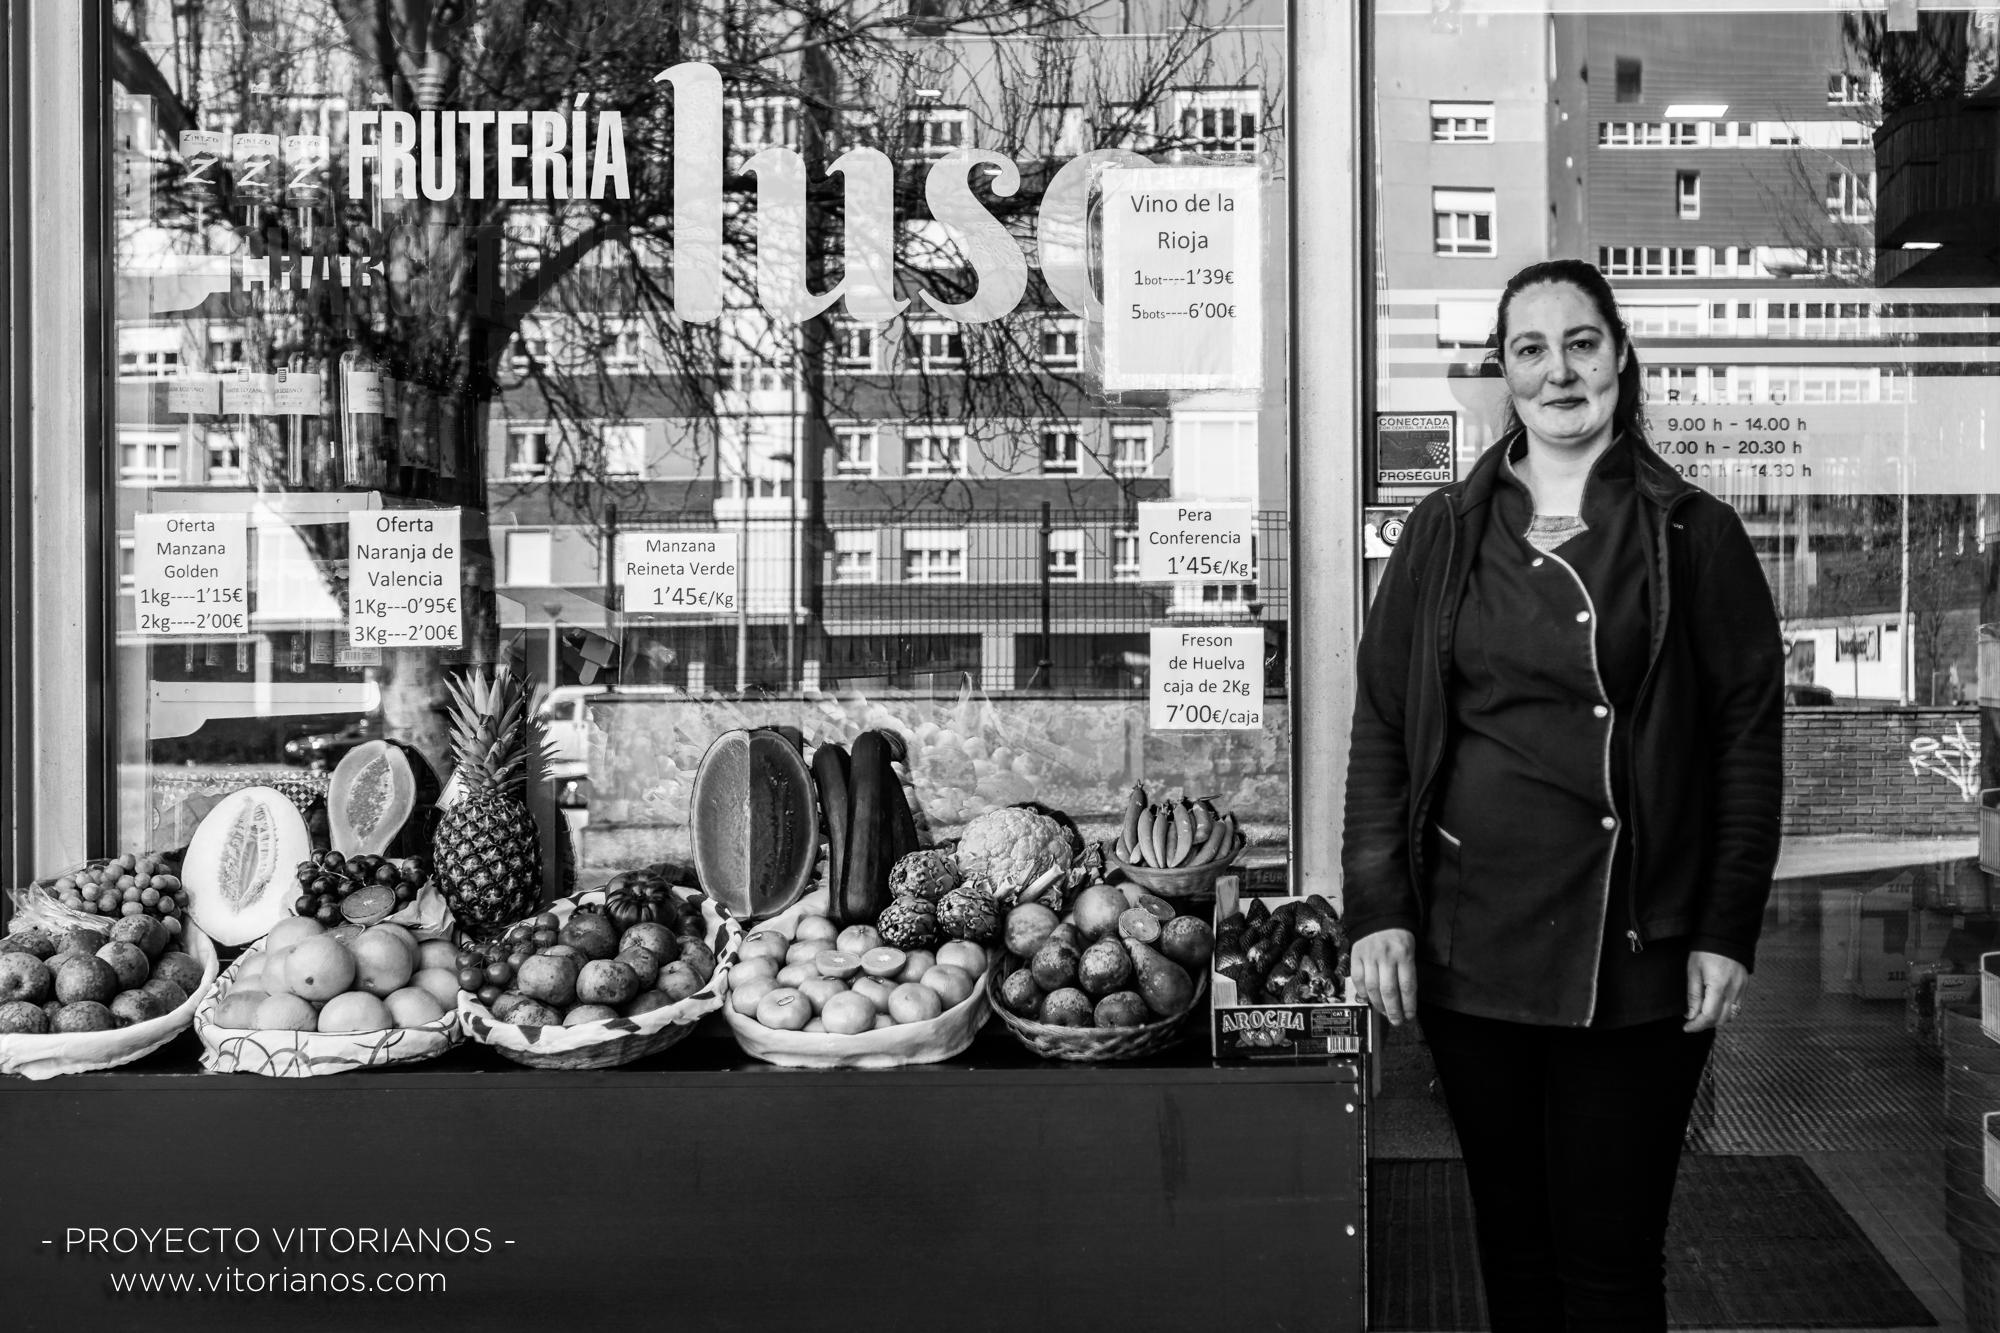 Frutera - Foto: Manu Moreno